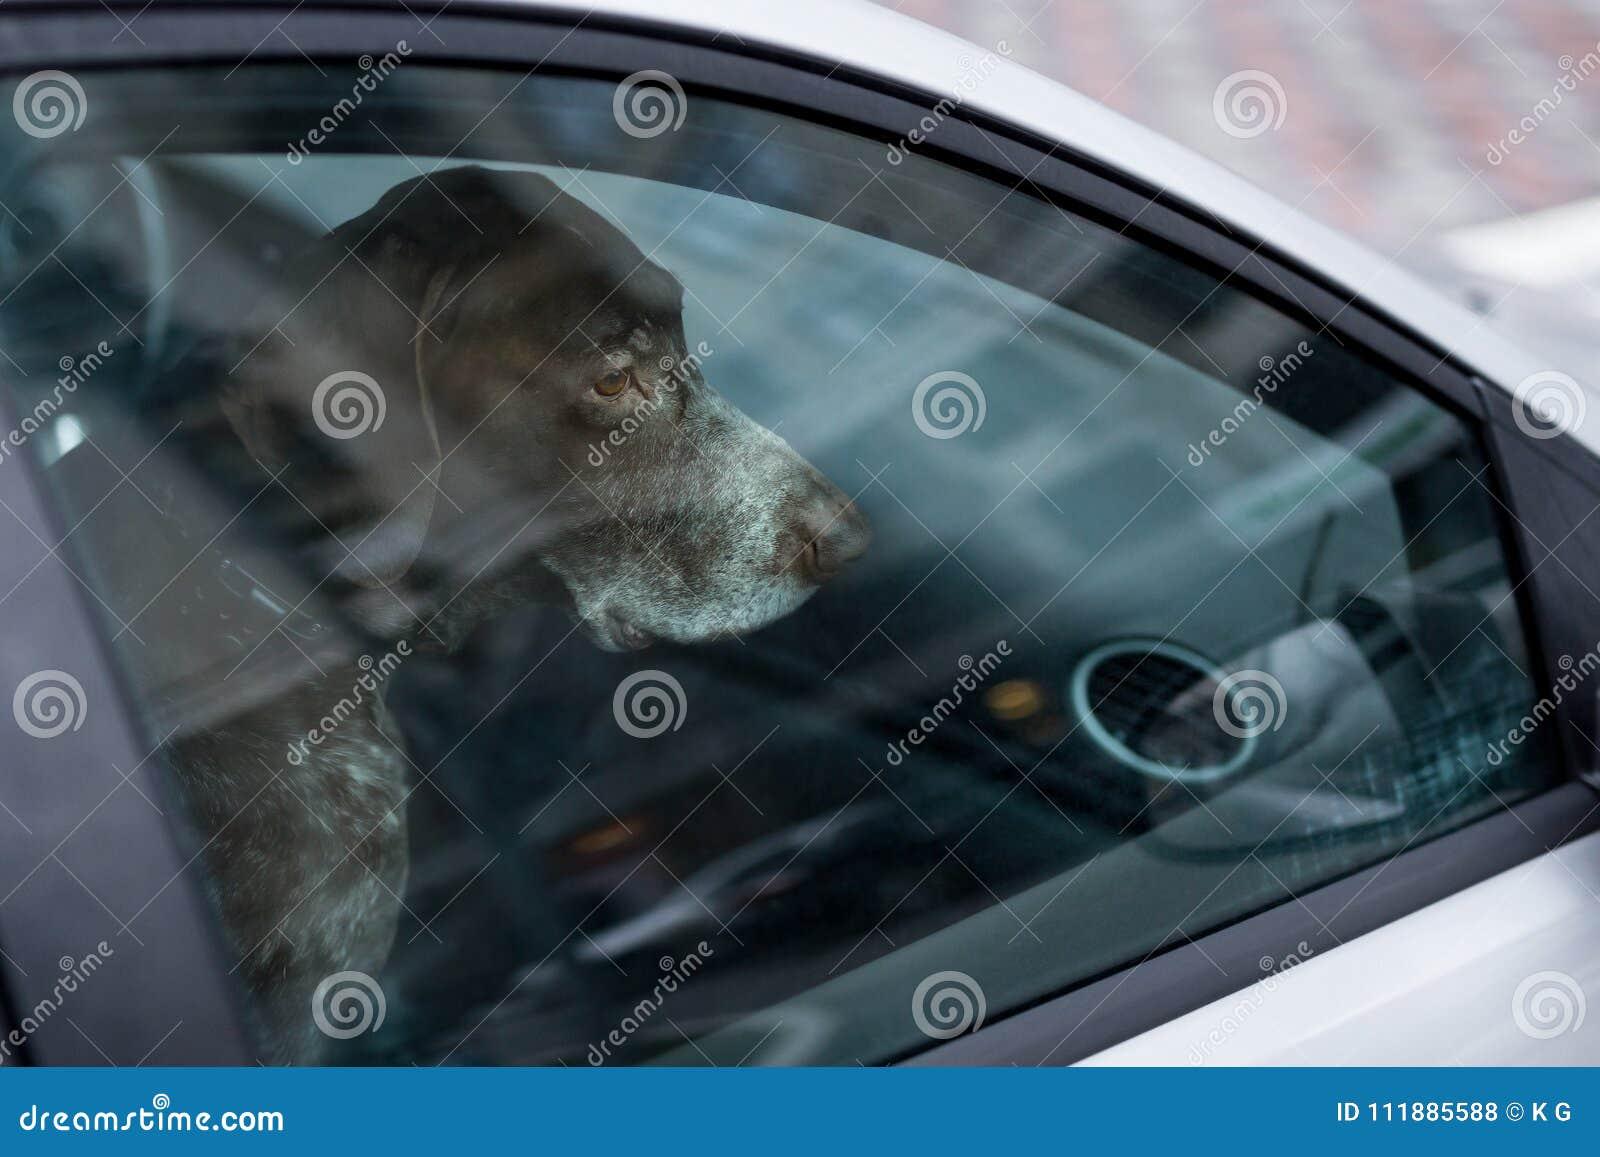 Psi lewy w zamkniętym samochodzie samotnie Zaniechany zwierzę w zamkniętej przestrzeni Niebezpieczeństwo zwierzę domowe hipotermi